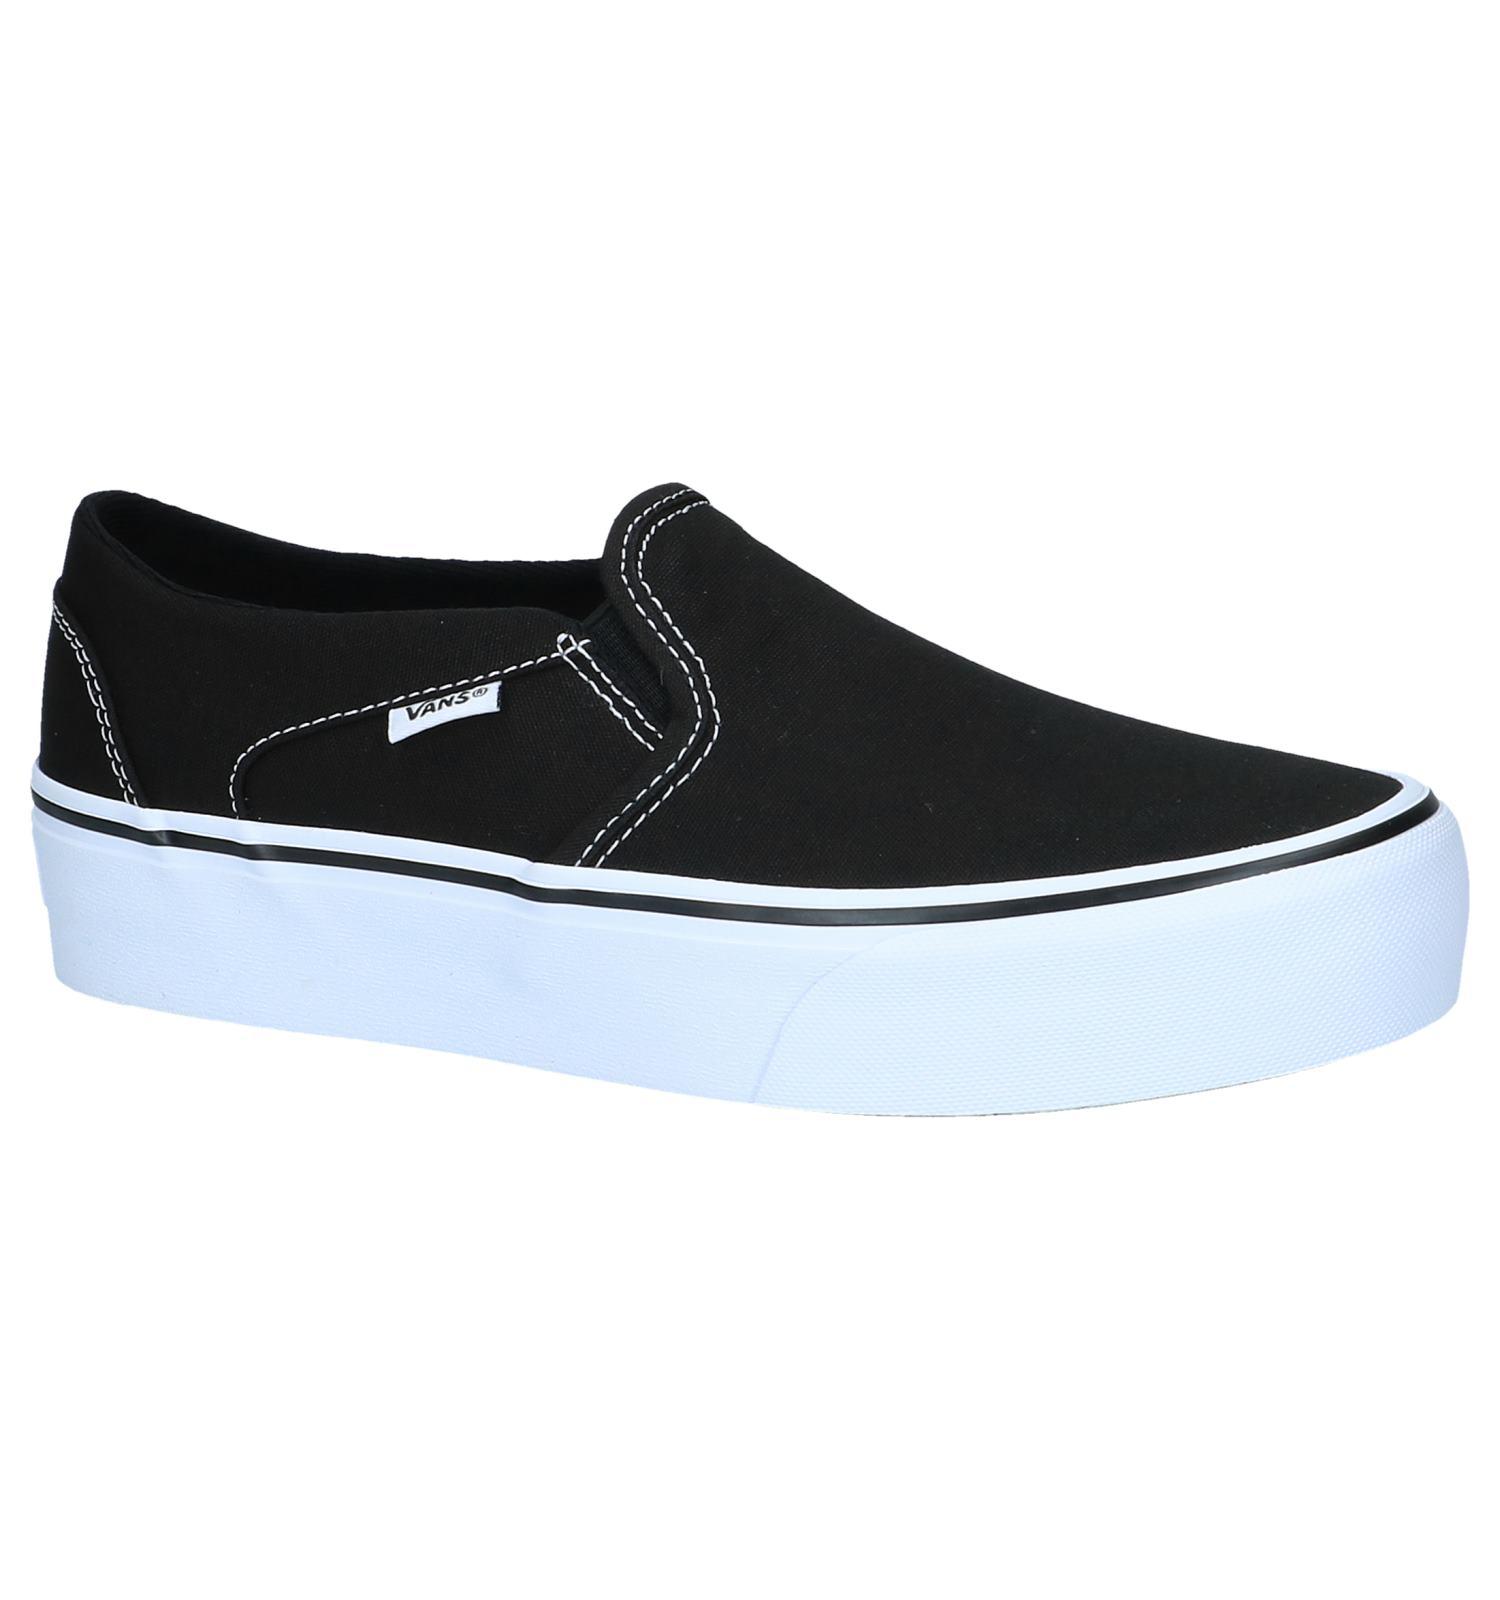 09dd6719af Zwarte Slip-On Sneakers Vans Asher Platform